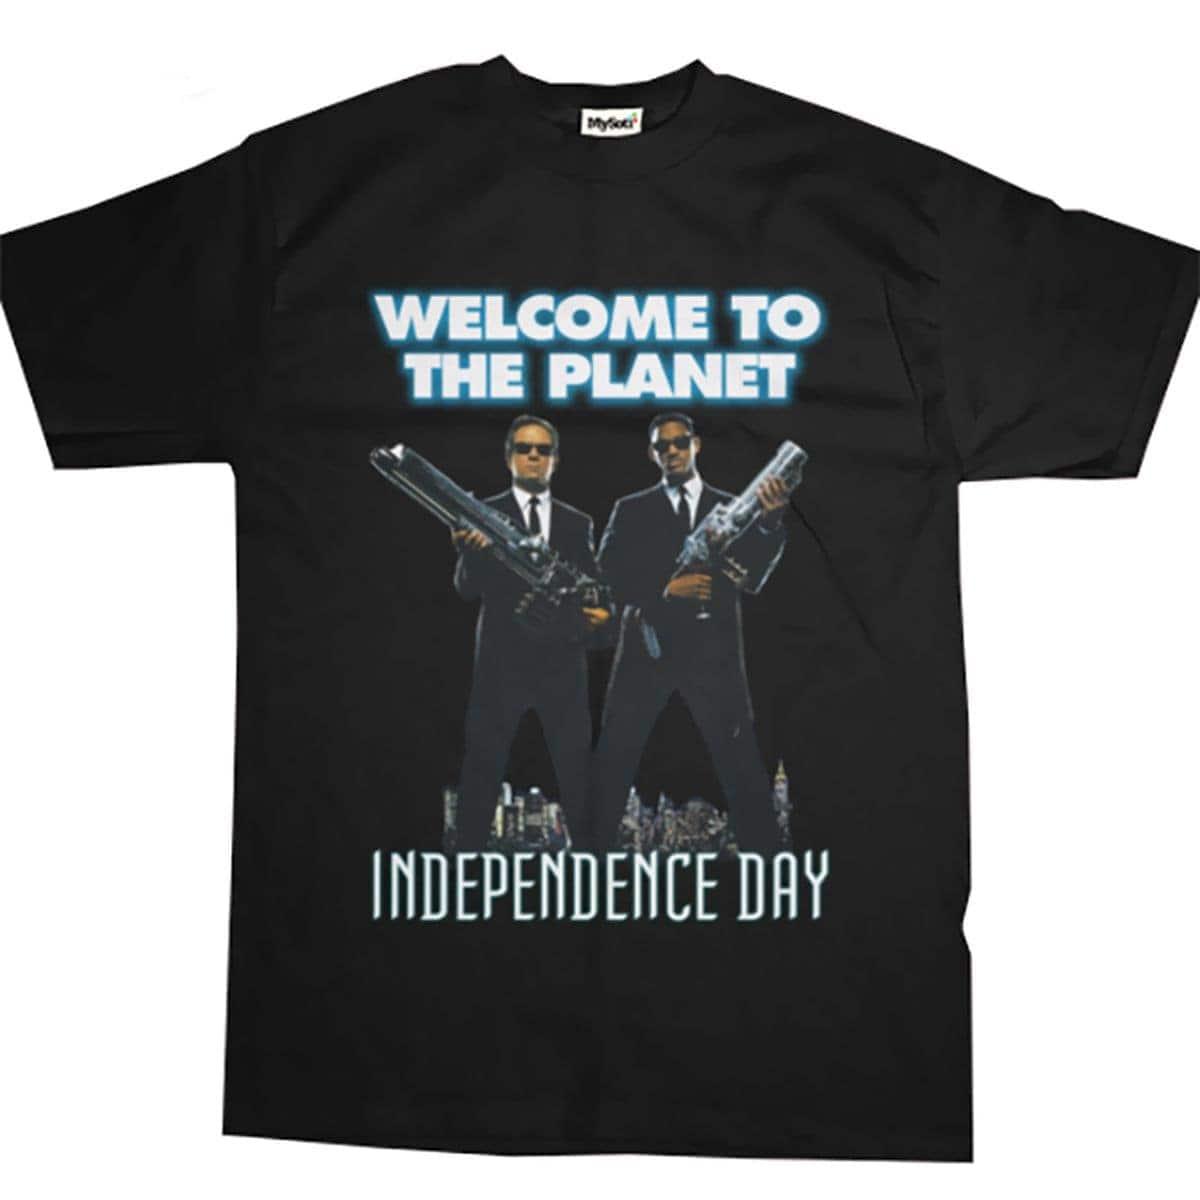 Nicht ganz korrekte Film-Zitate und -titel auf T-Shirts | Lustiges | Was is hier eigentlich los?